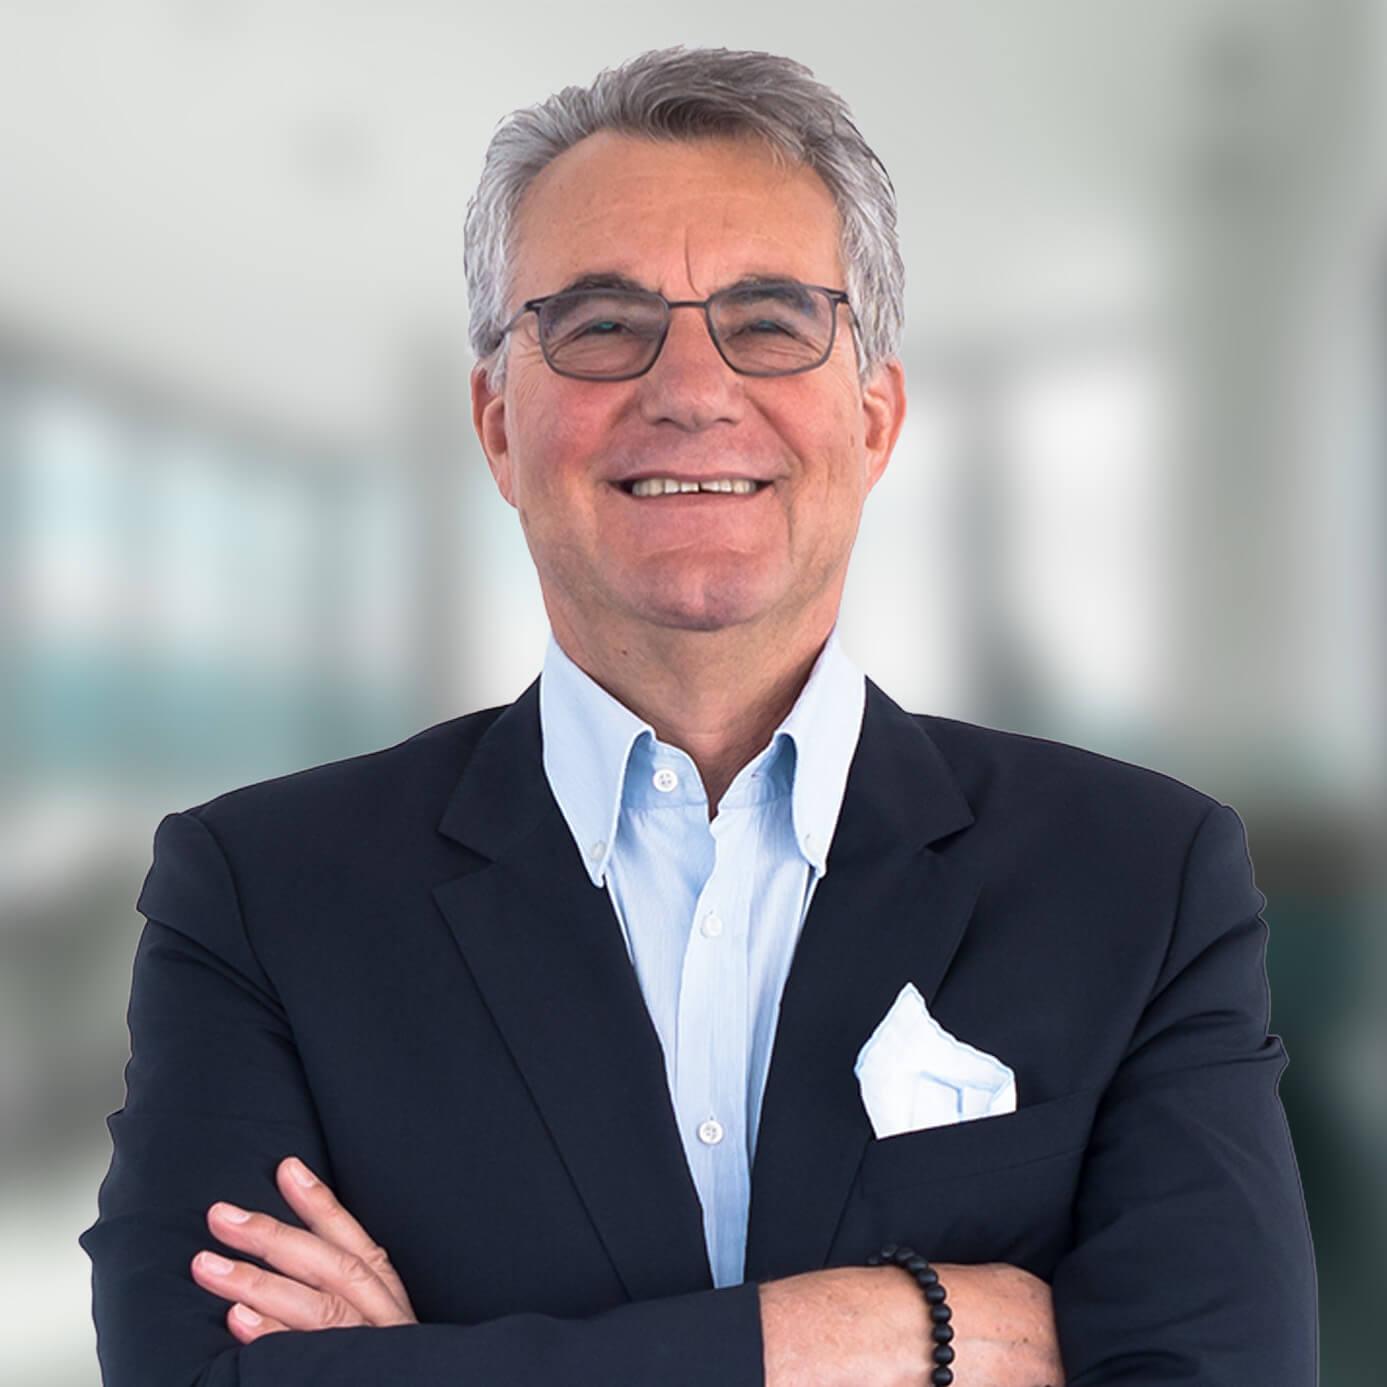 Bruno Benaglio Portrait